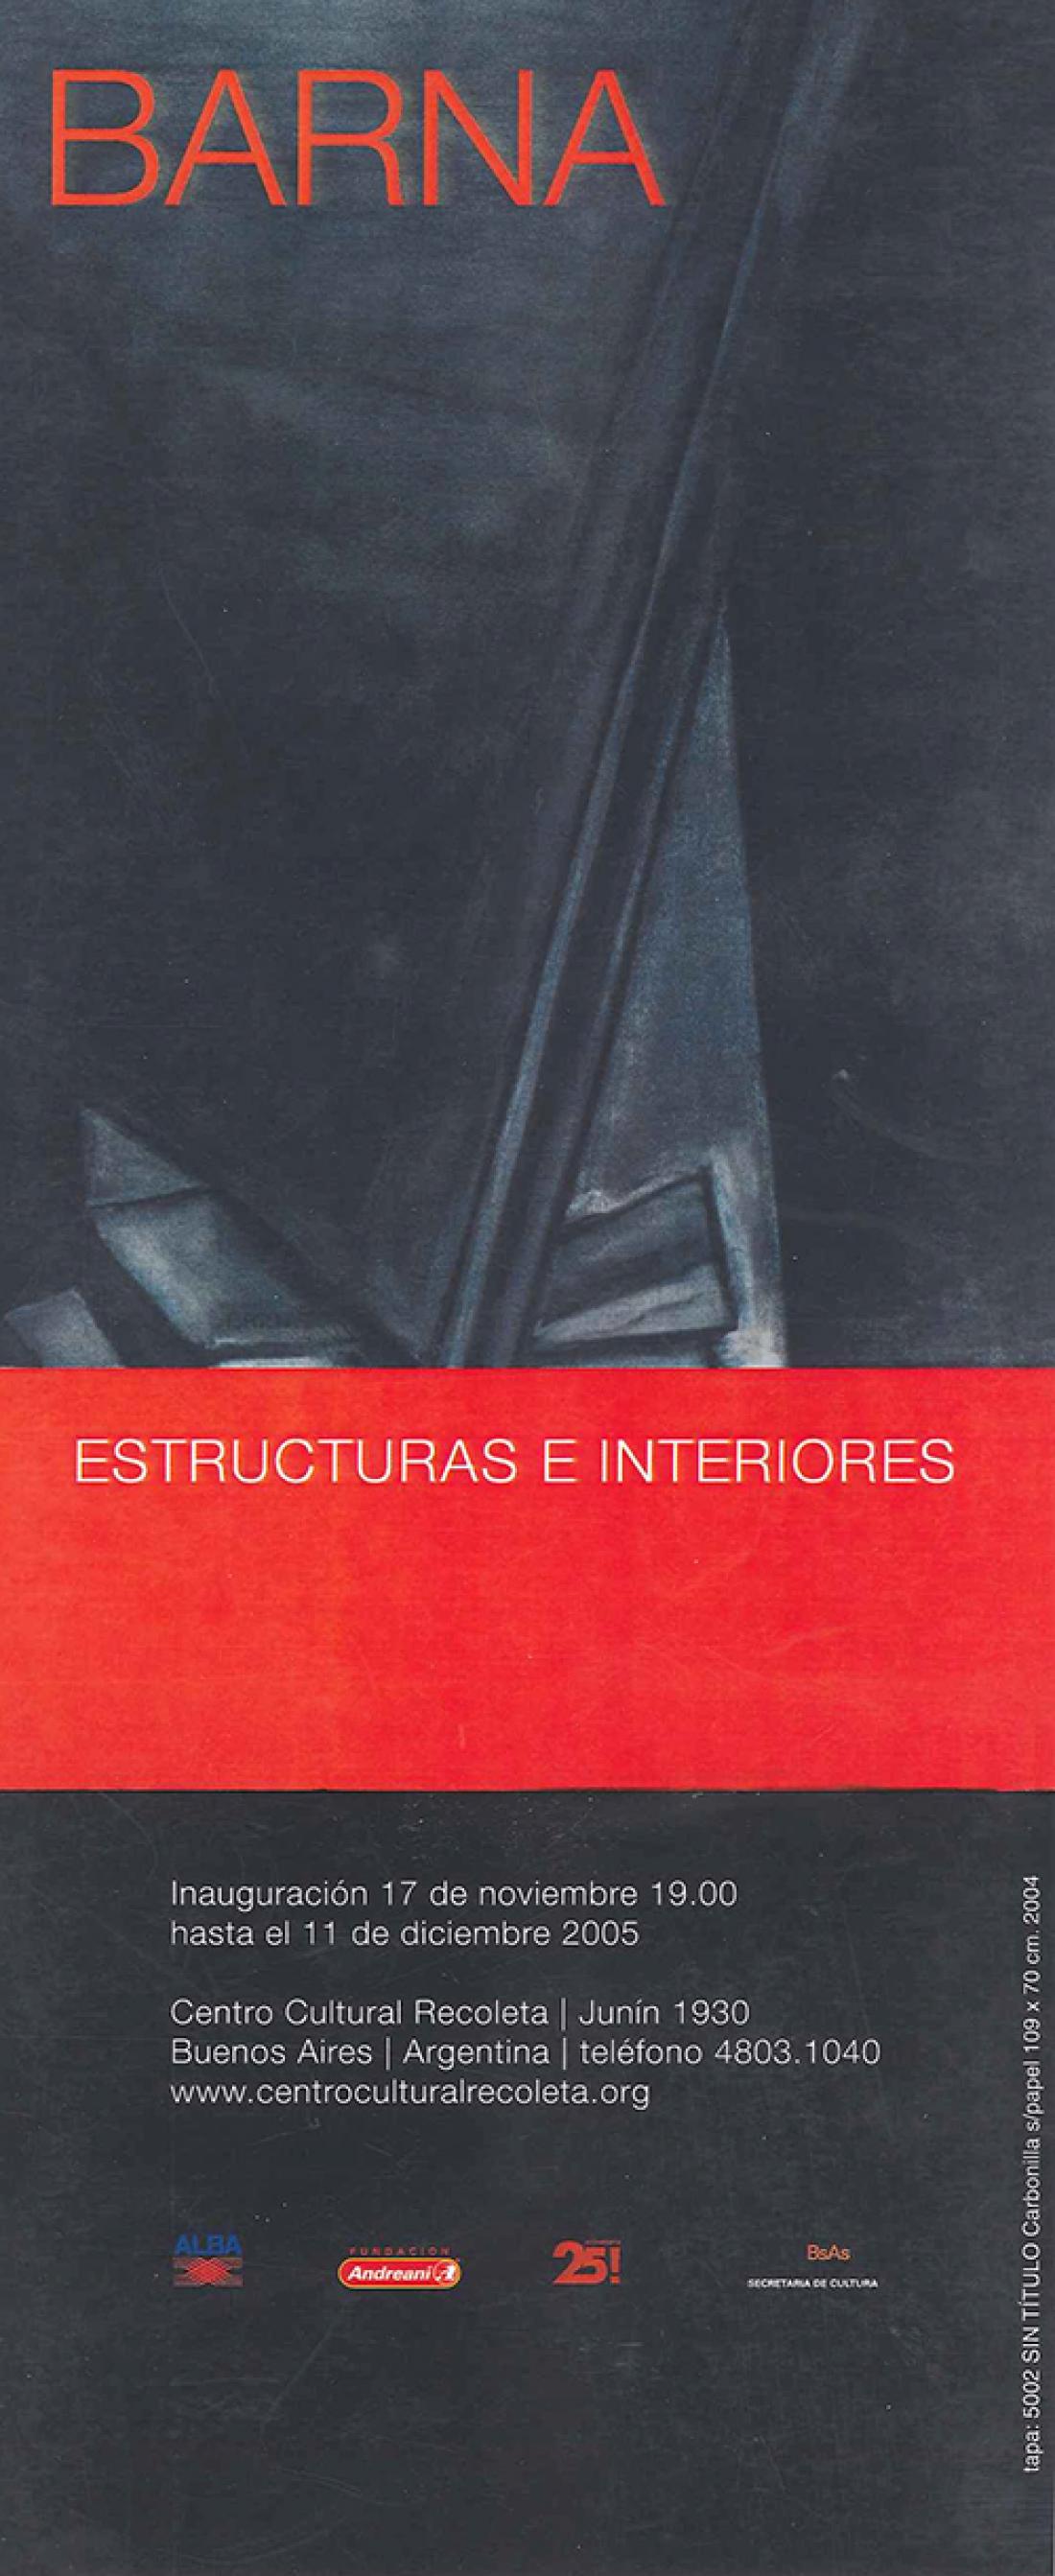 Estructuras e Interiores